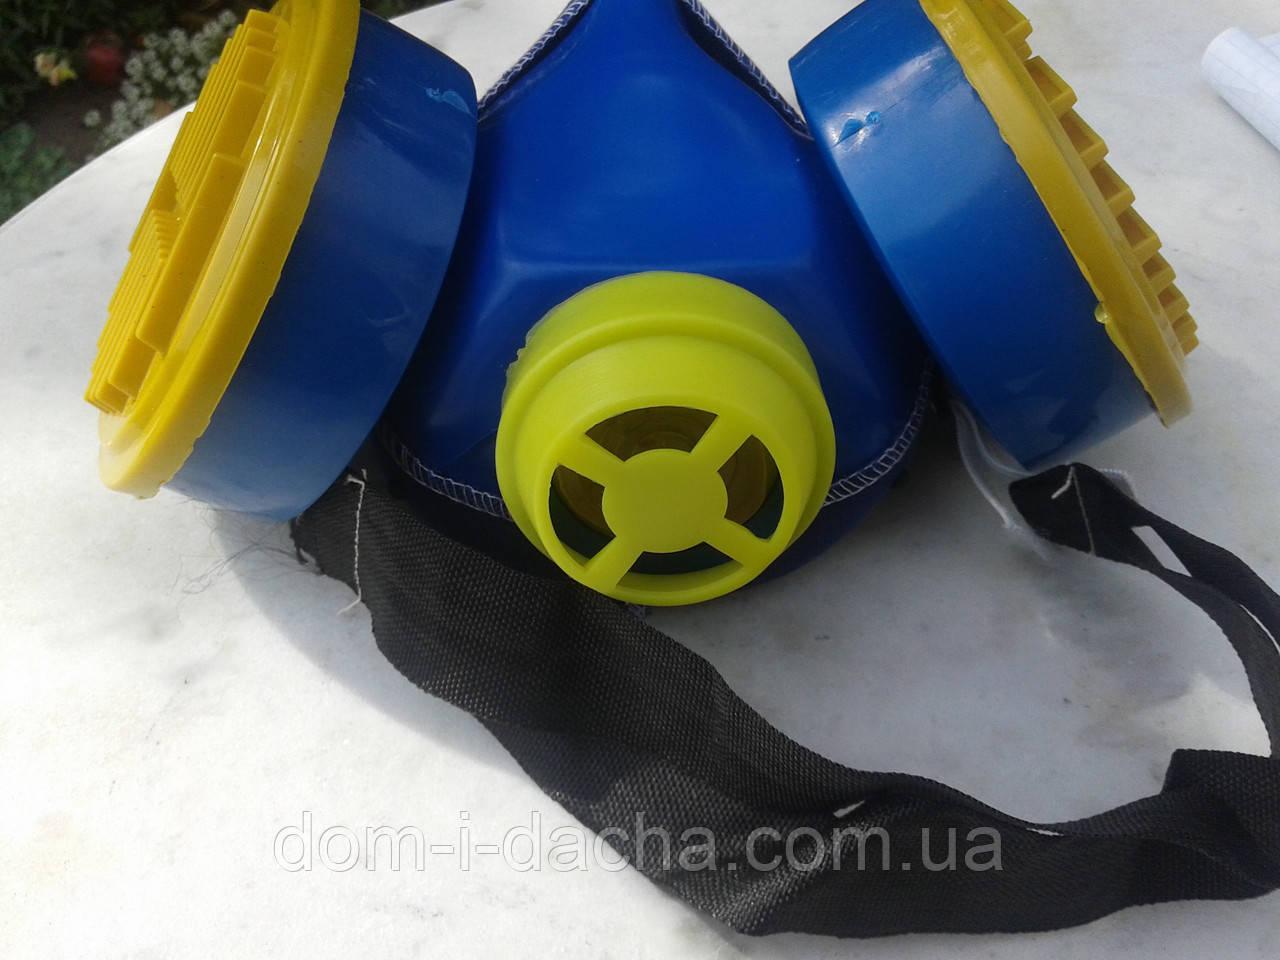 Пульс 2 картриджа (респиратор шахтный пылевой)